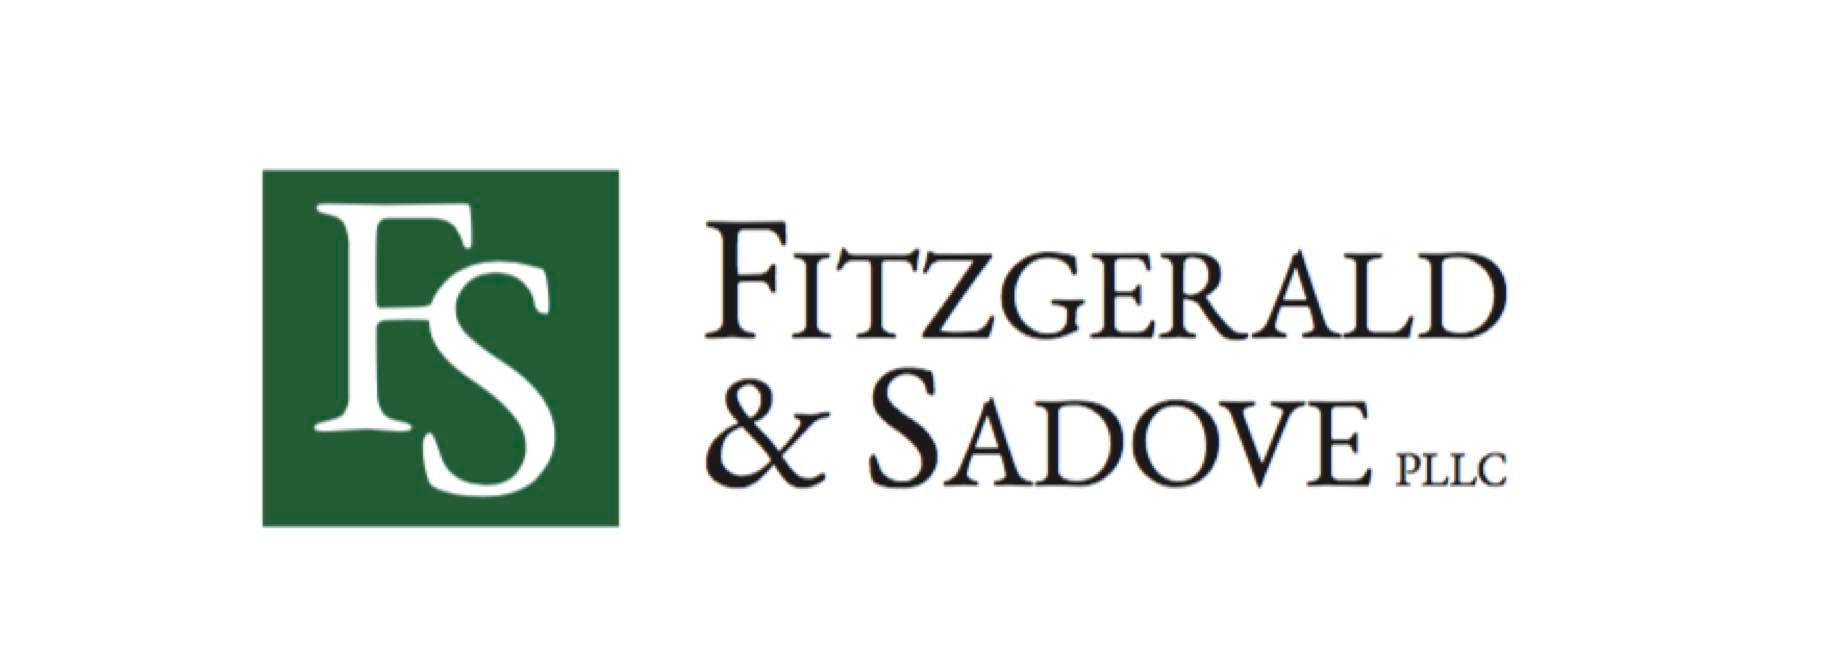 Fitzgerald & Sadove PLLC